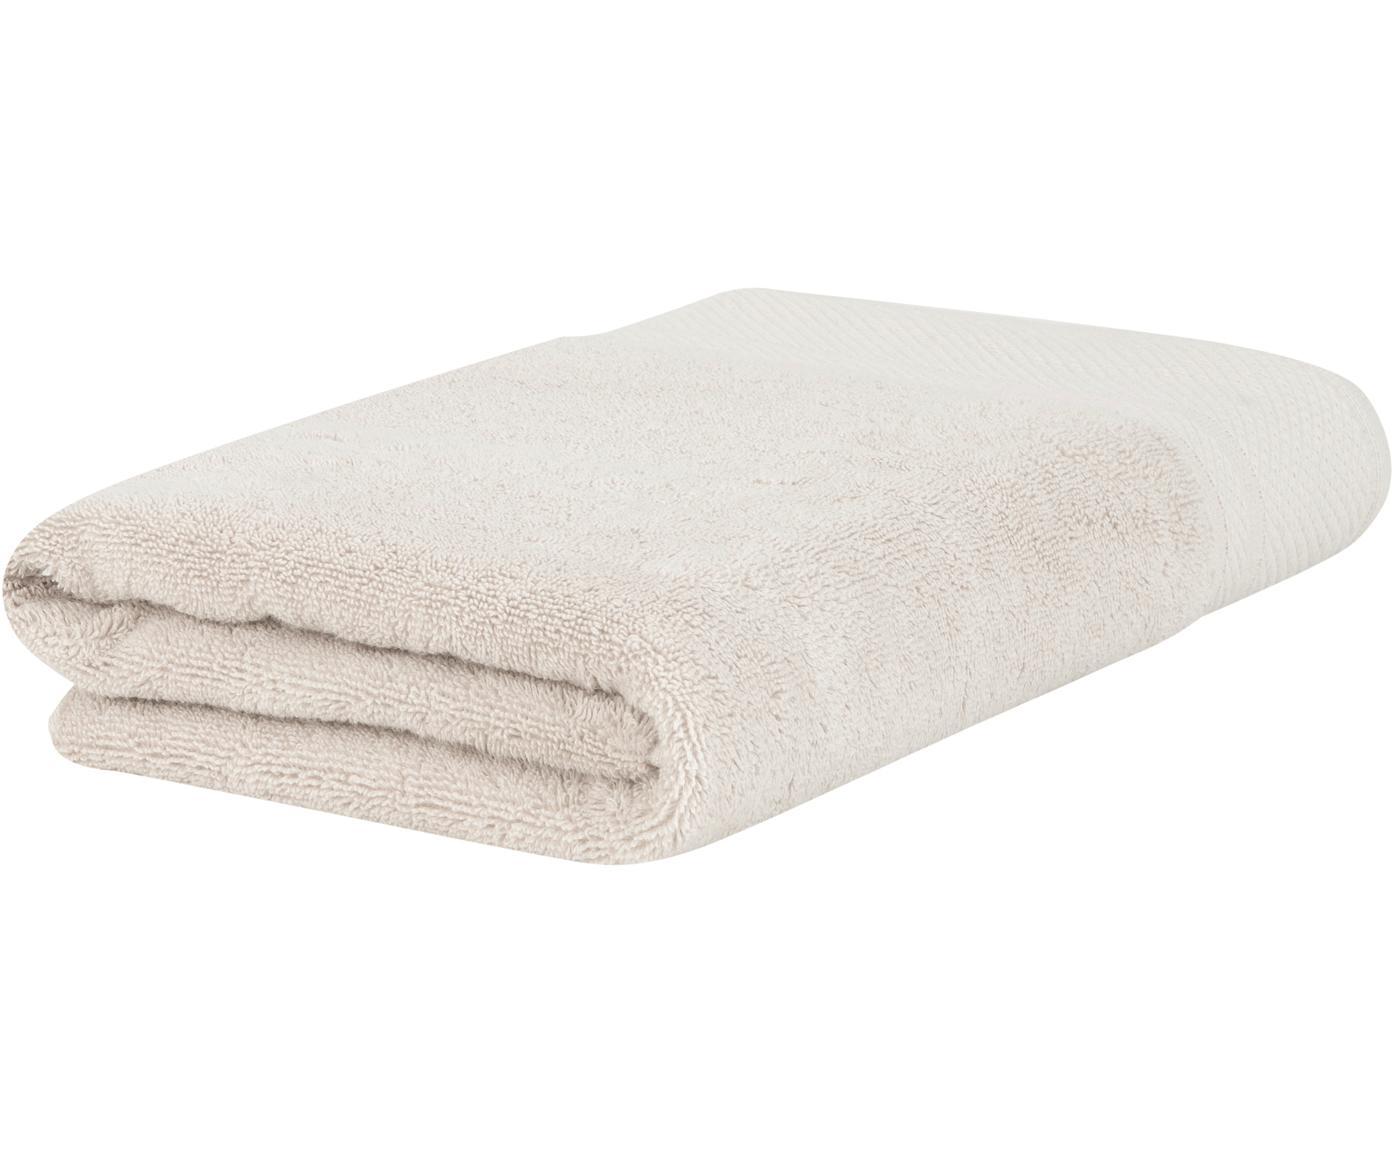 Handtuch Premium in verschiedenen Größen, mit klassischer Zierbordüre, Beige, Duschtuch